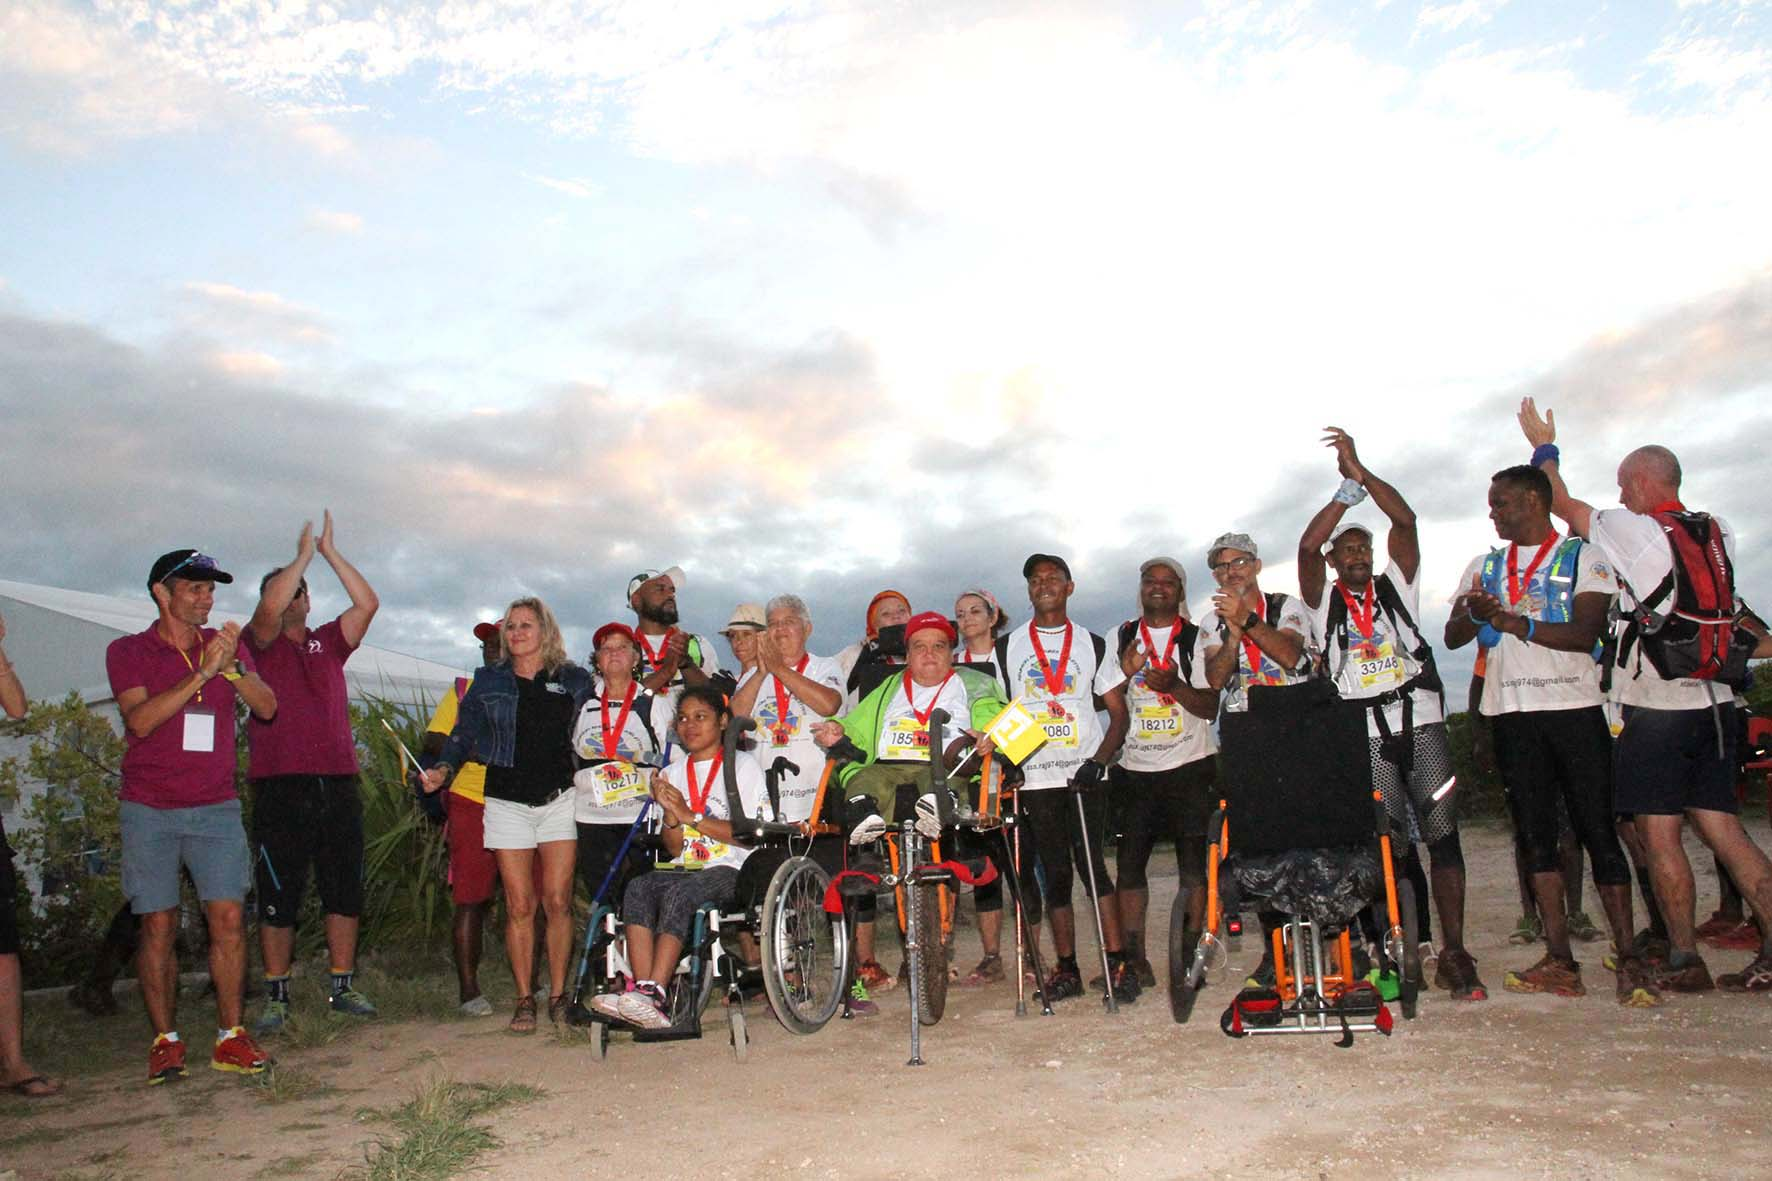 L'association Réunion Aventure Joëlette reste fidèle au Trail de Rodrigues. Patrick Lefèvre et ses camarades ont prévu de boucler un 24 km à travers les sentiers de l'île autenthique